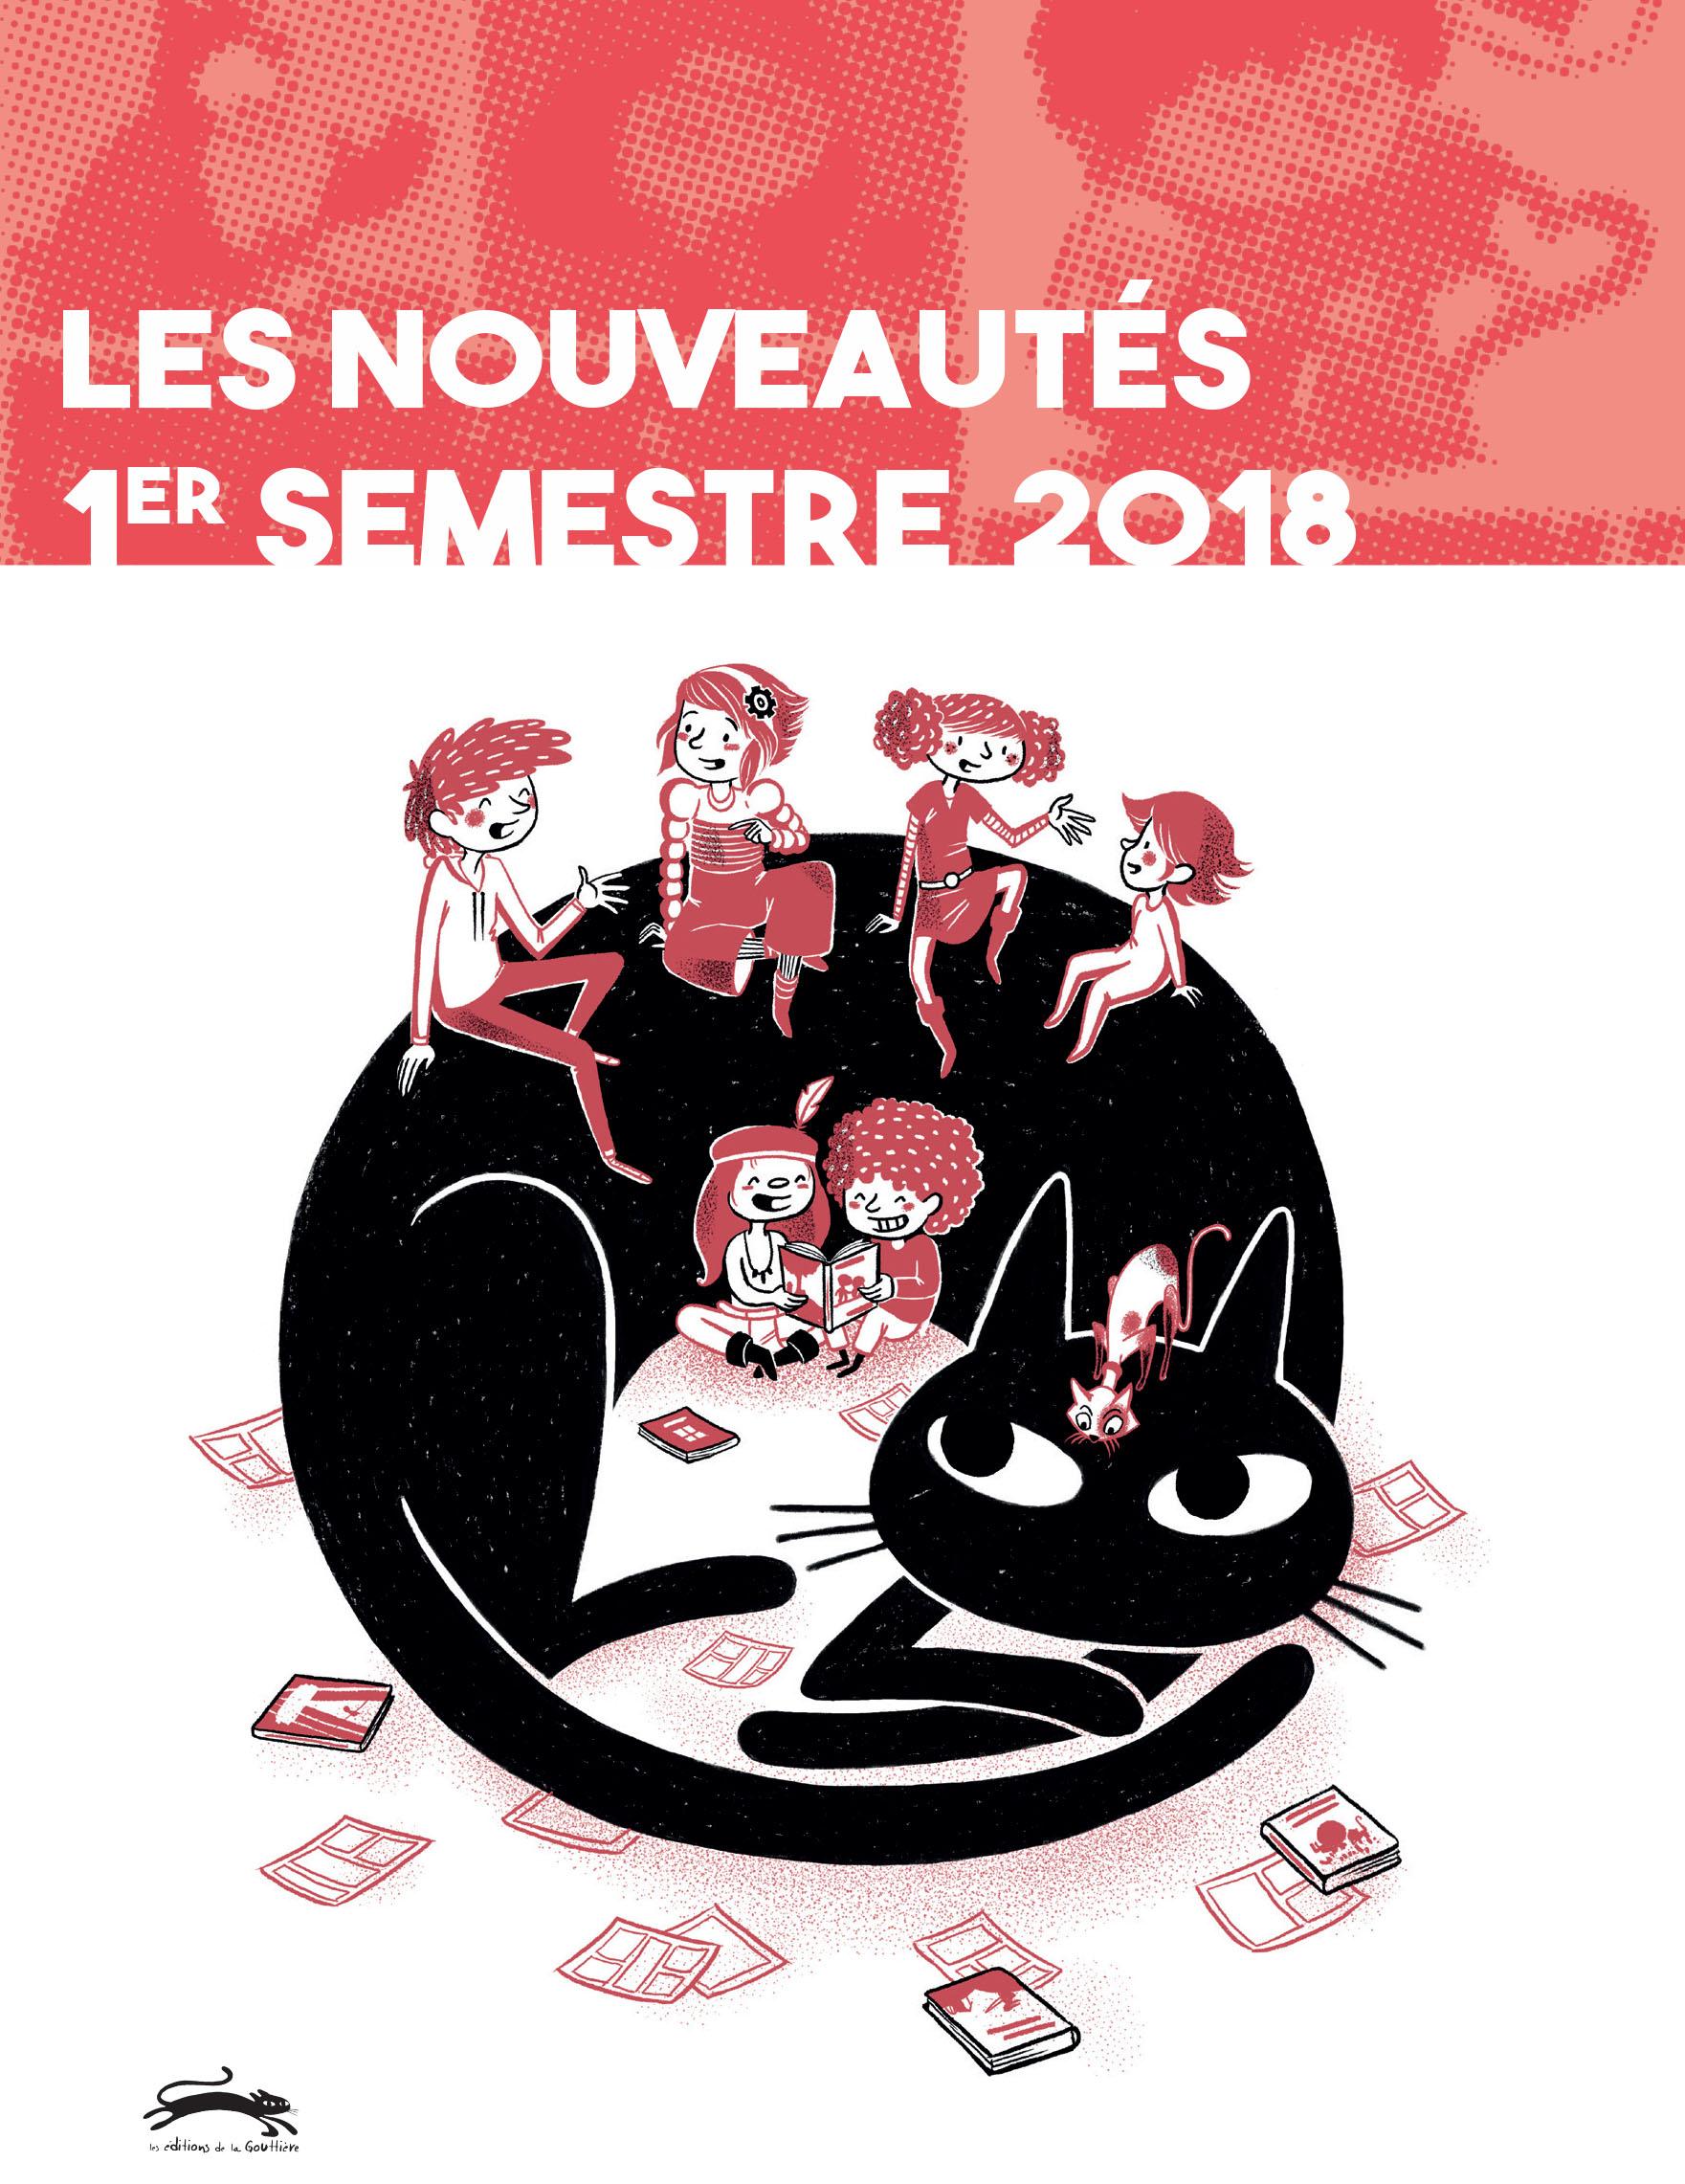 nouveautes_2018 visuel